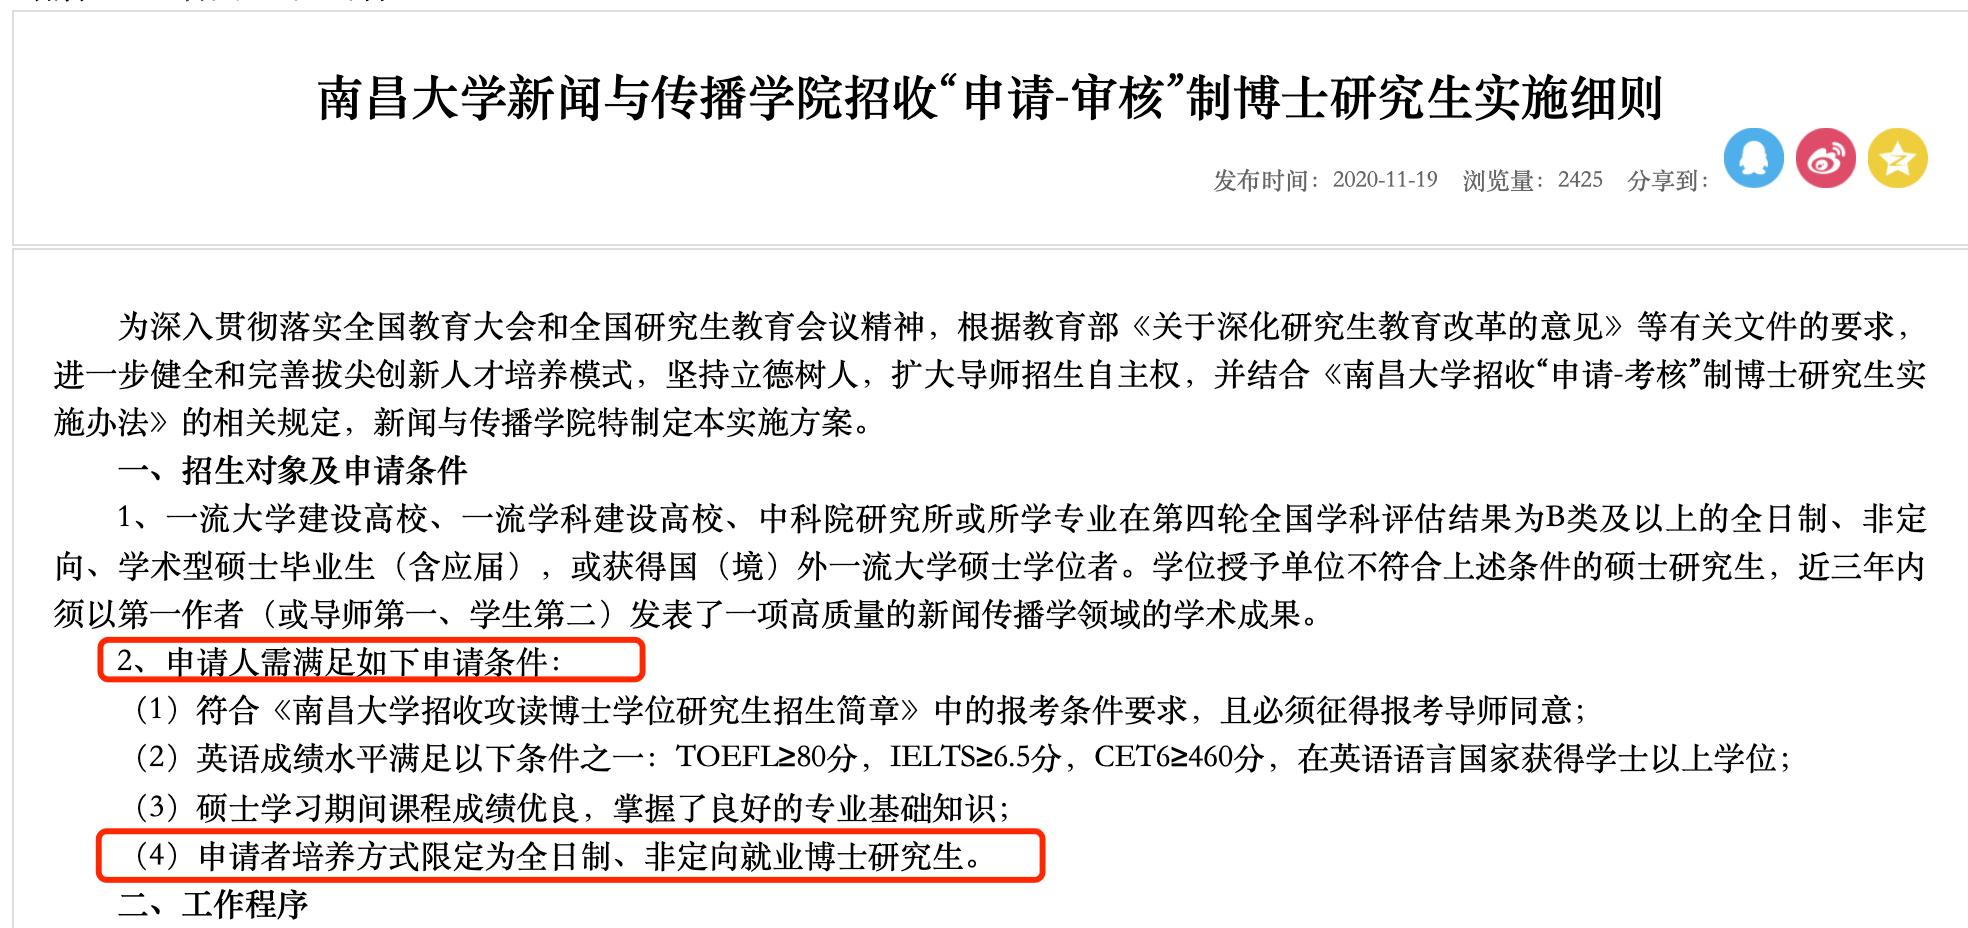 """南昌大学新闻与传播学院招收""""申请-审核""""制博士研究生实施细则。南昌大学新闻与传播学院官网 图"""